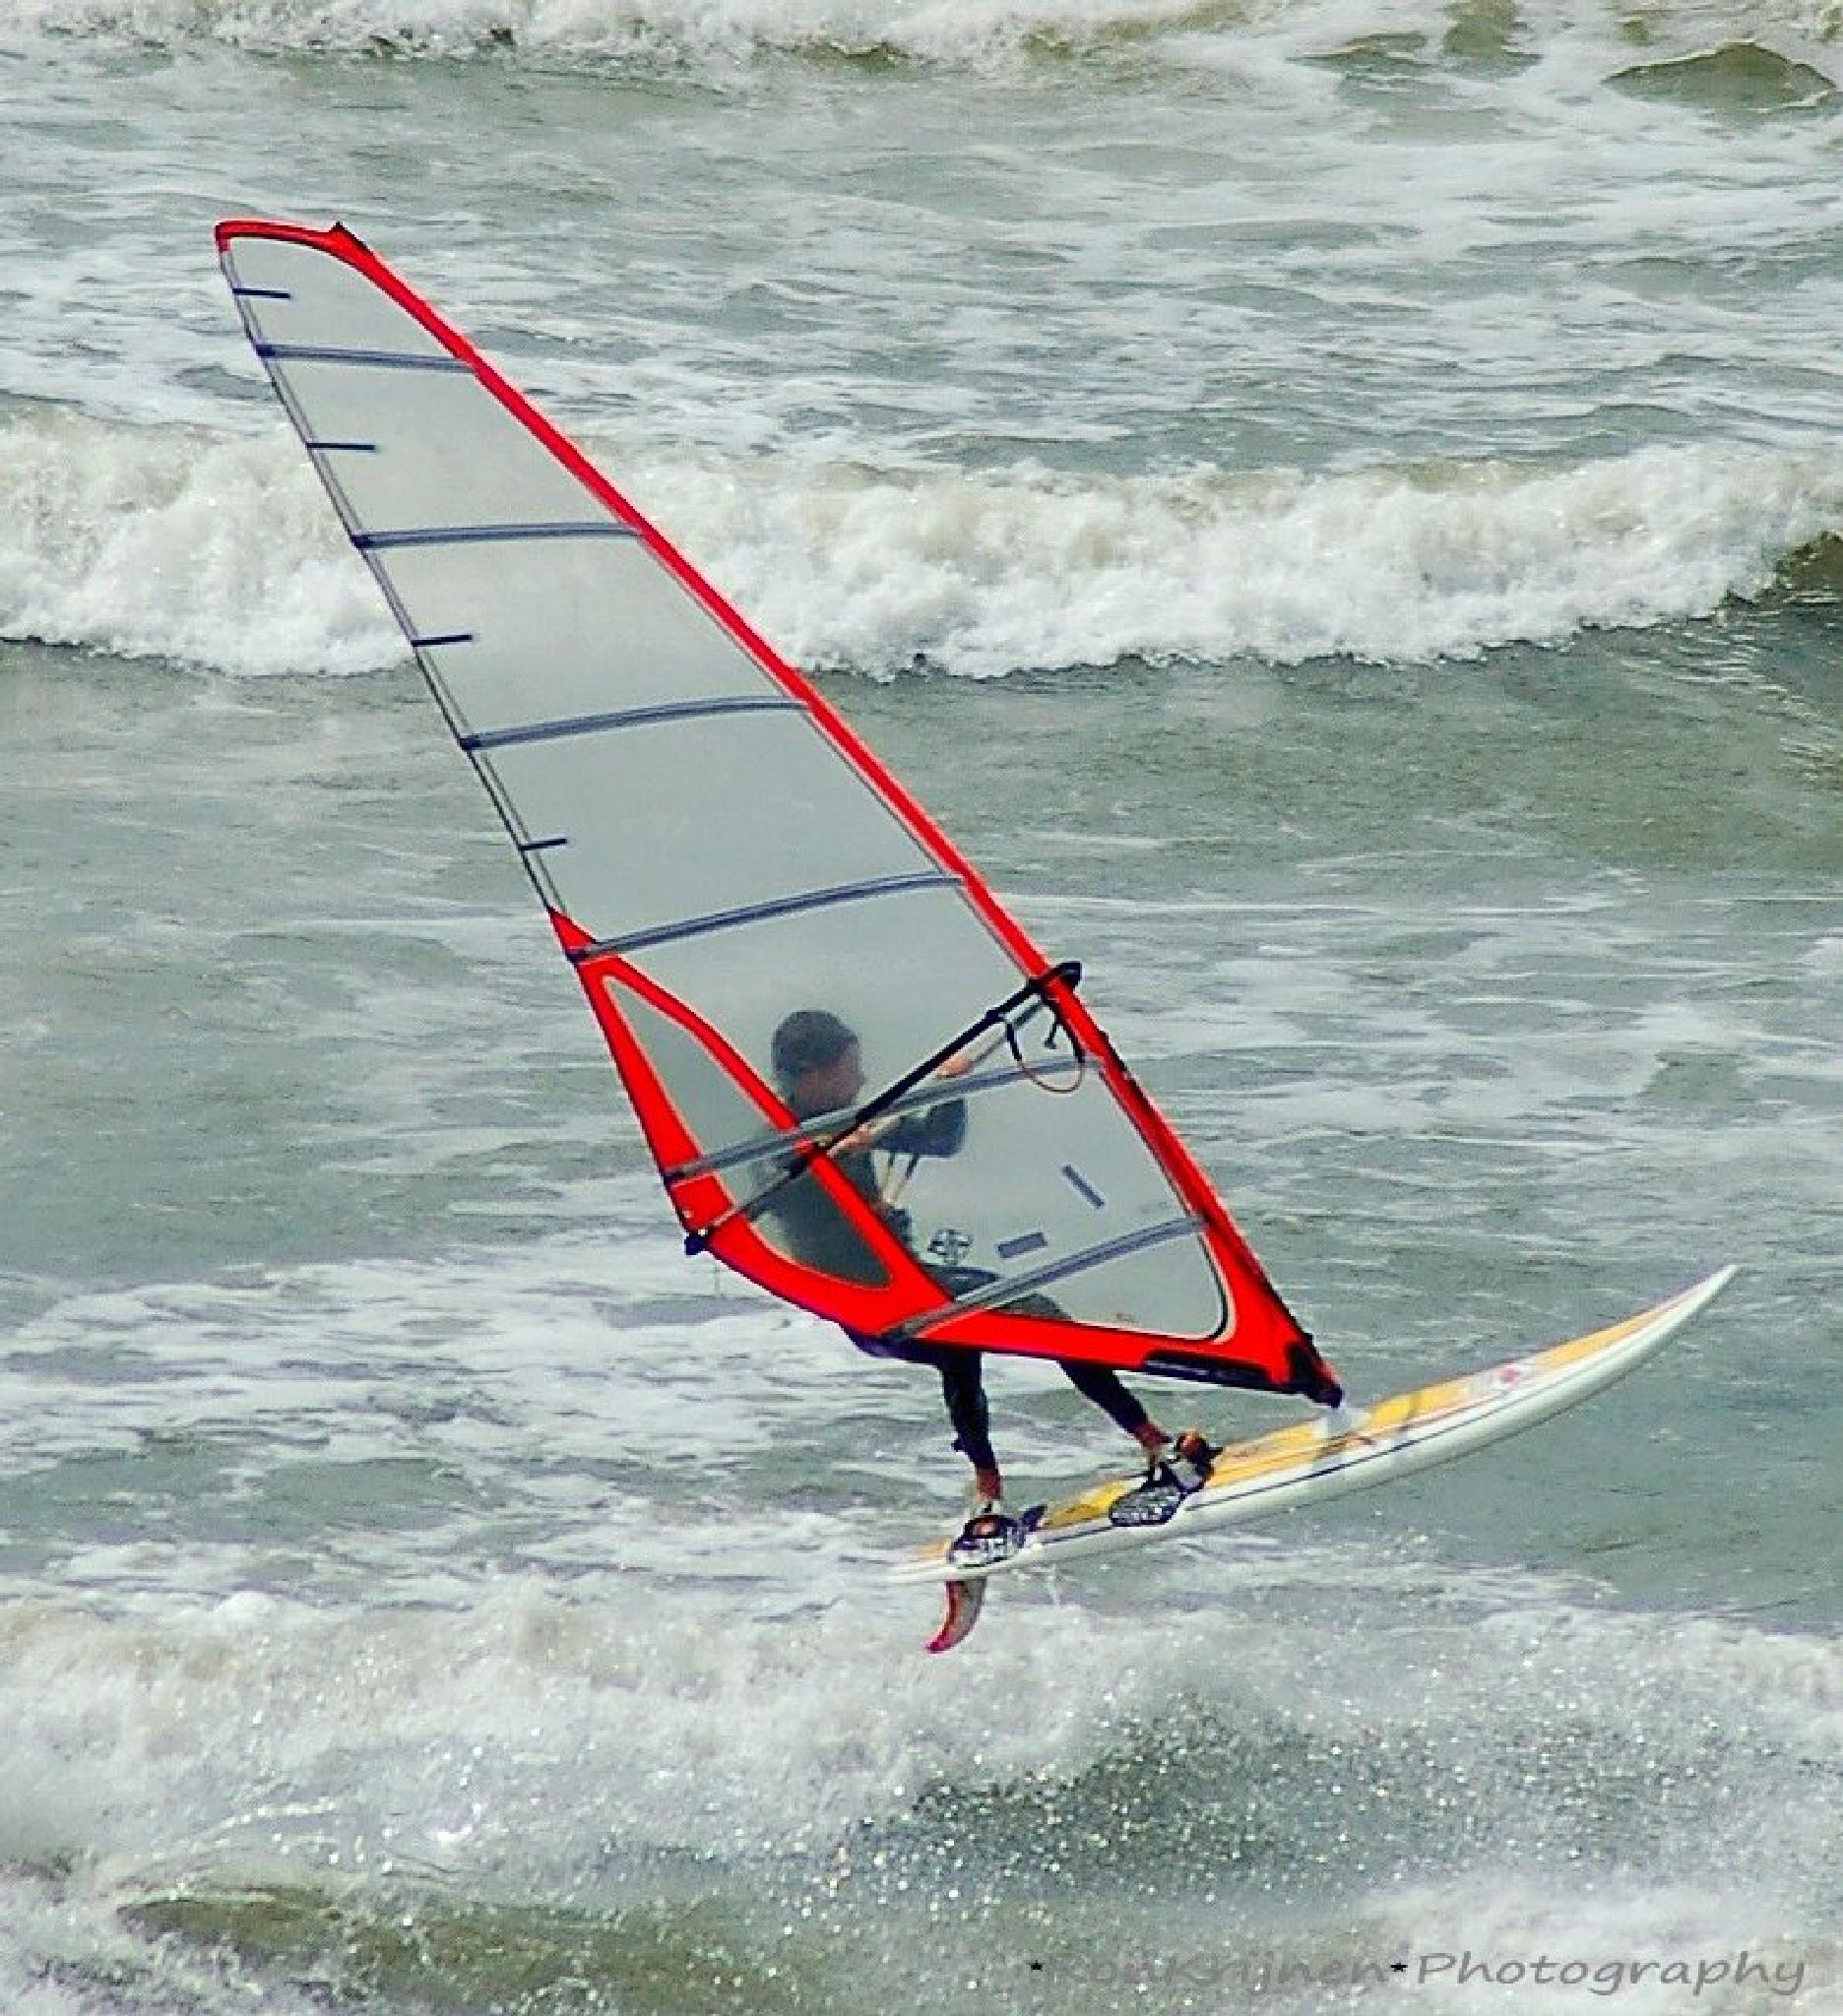 windsurfing by ron.krijnen